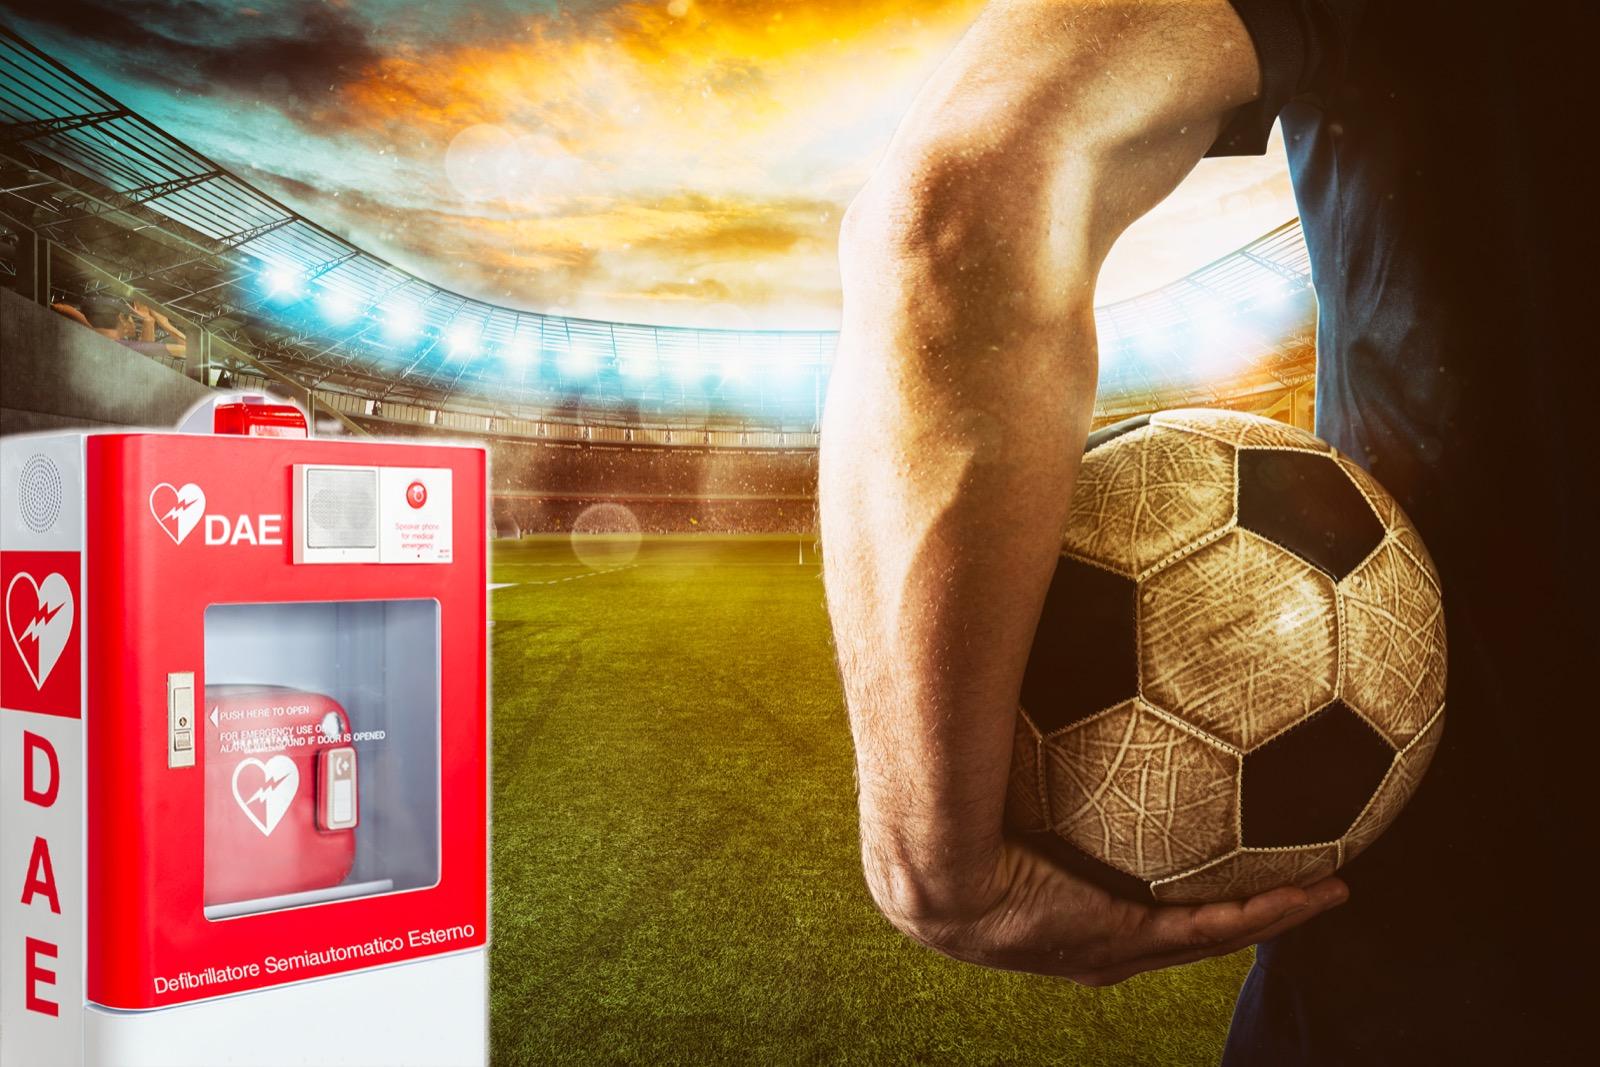 Defibrillatore nello sport